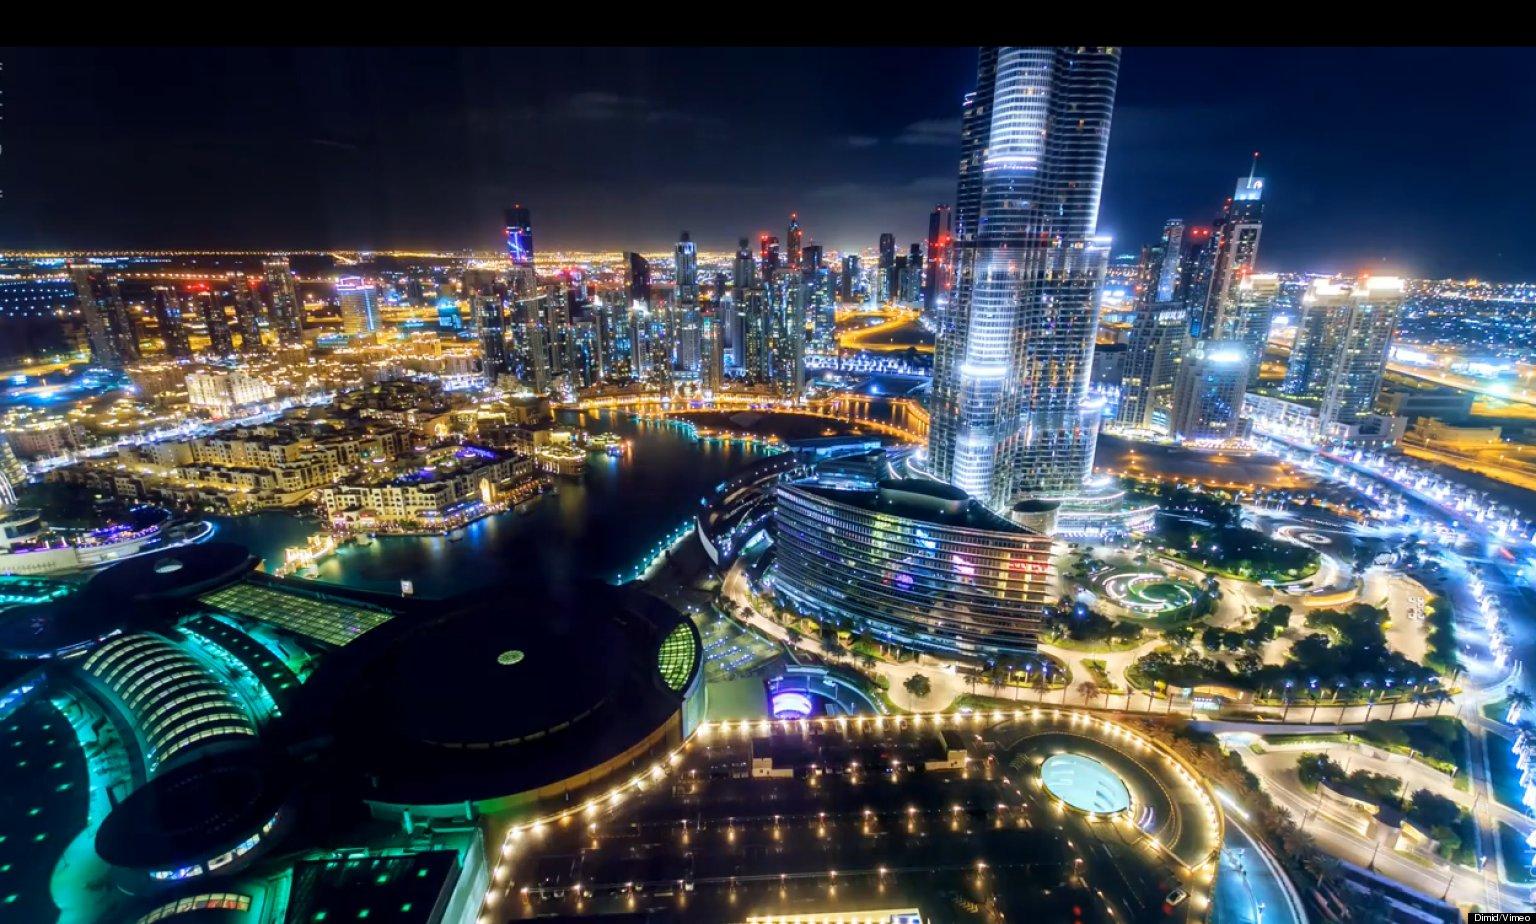 Dubai vuole diventare una delle città più sostenibili al mondo